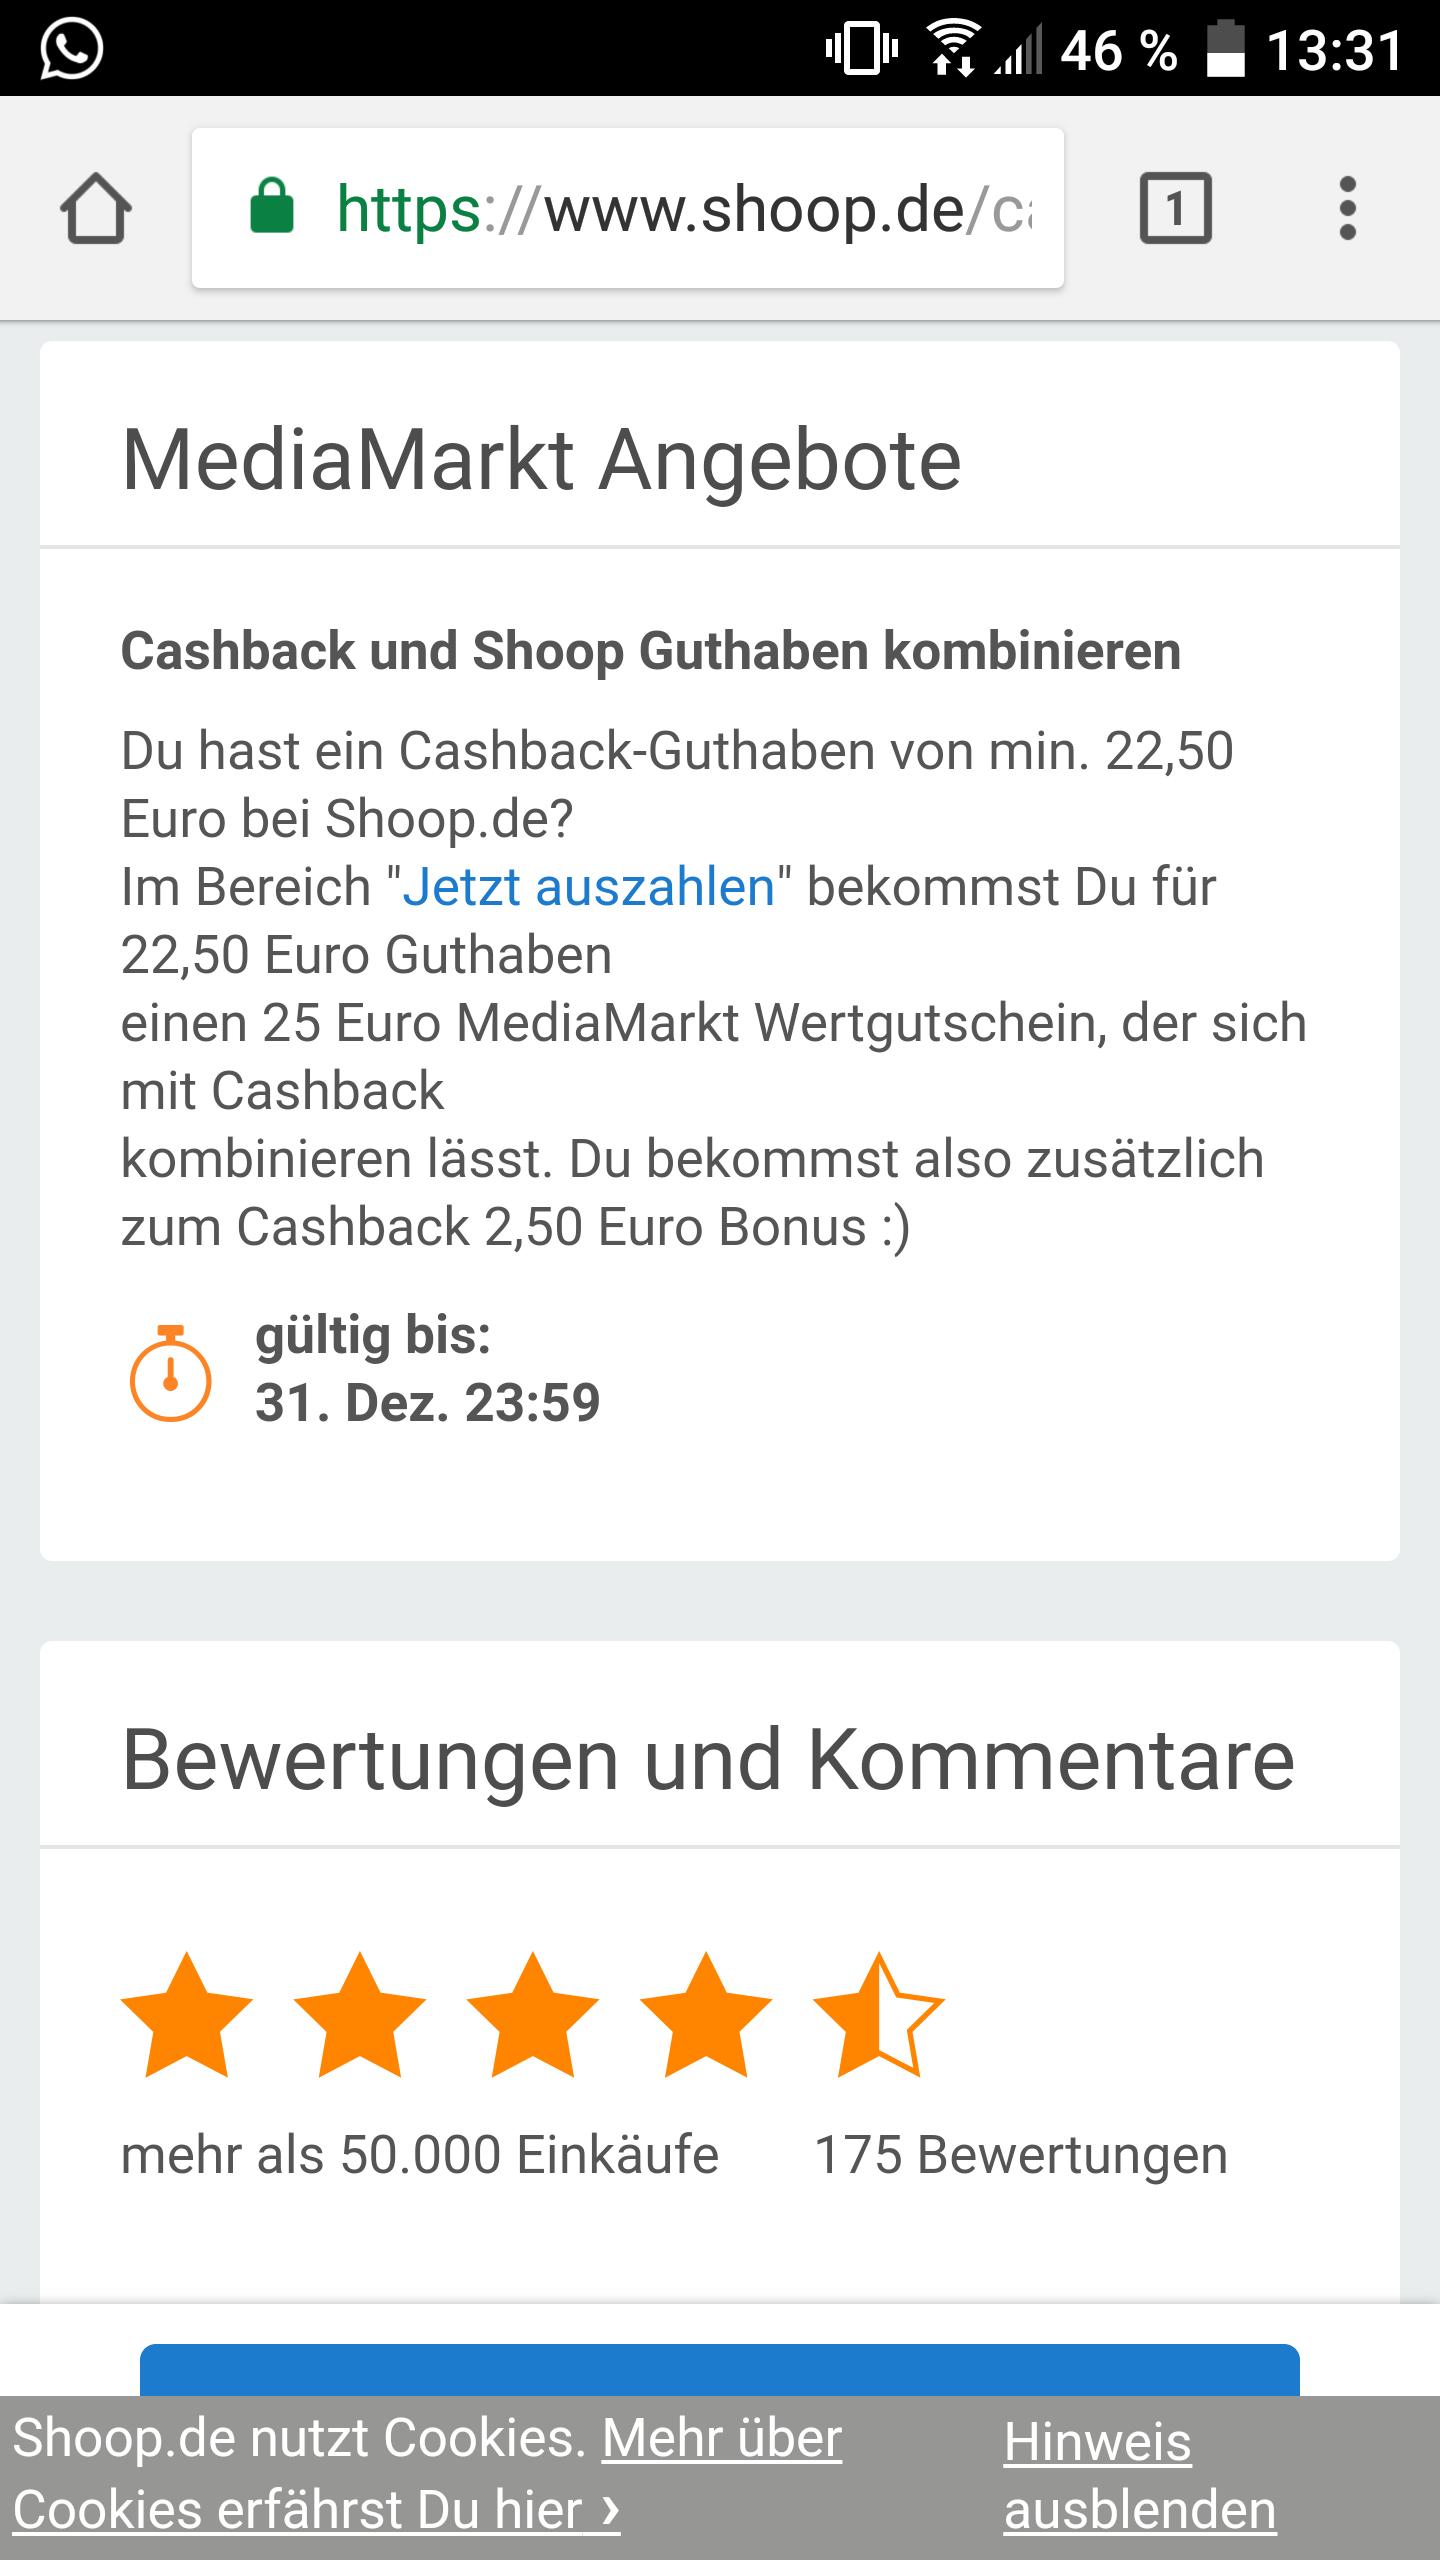 Shoop: 25€ Media Markt Gutschein + 2.50€ erhalten für 22,50€ Cashback auch Otto: 27€ für 30€ + 3€ Cashback